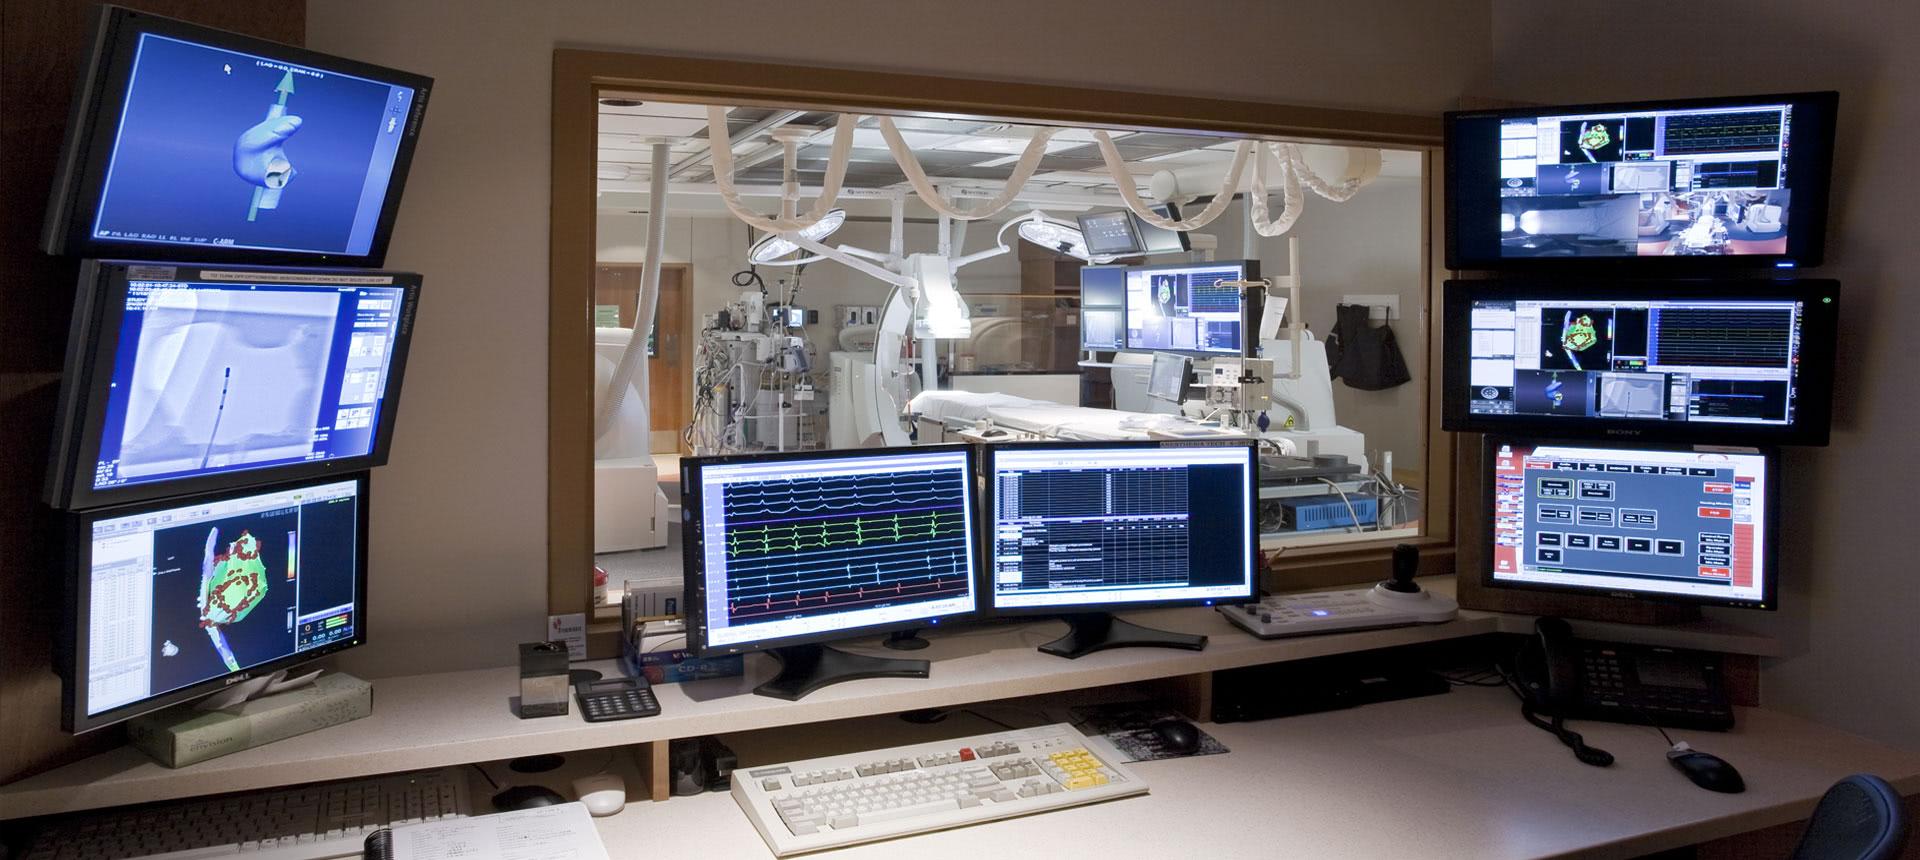 Baylor Heart Hospital Healthcare Technology